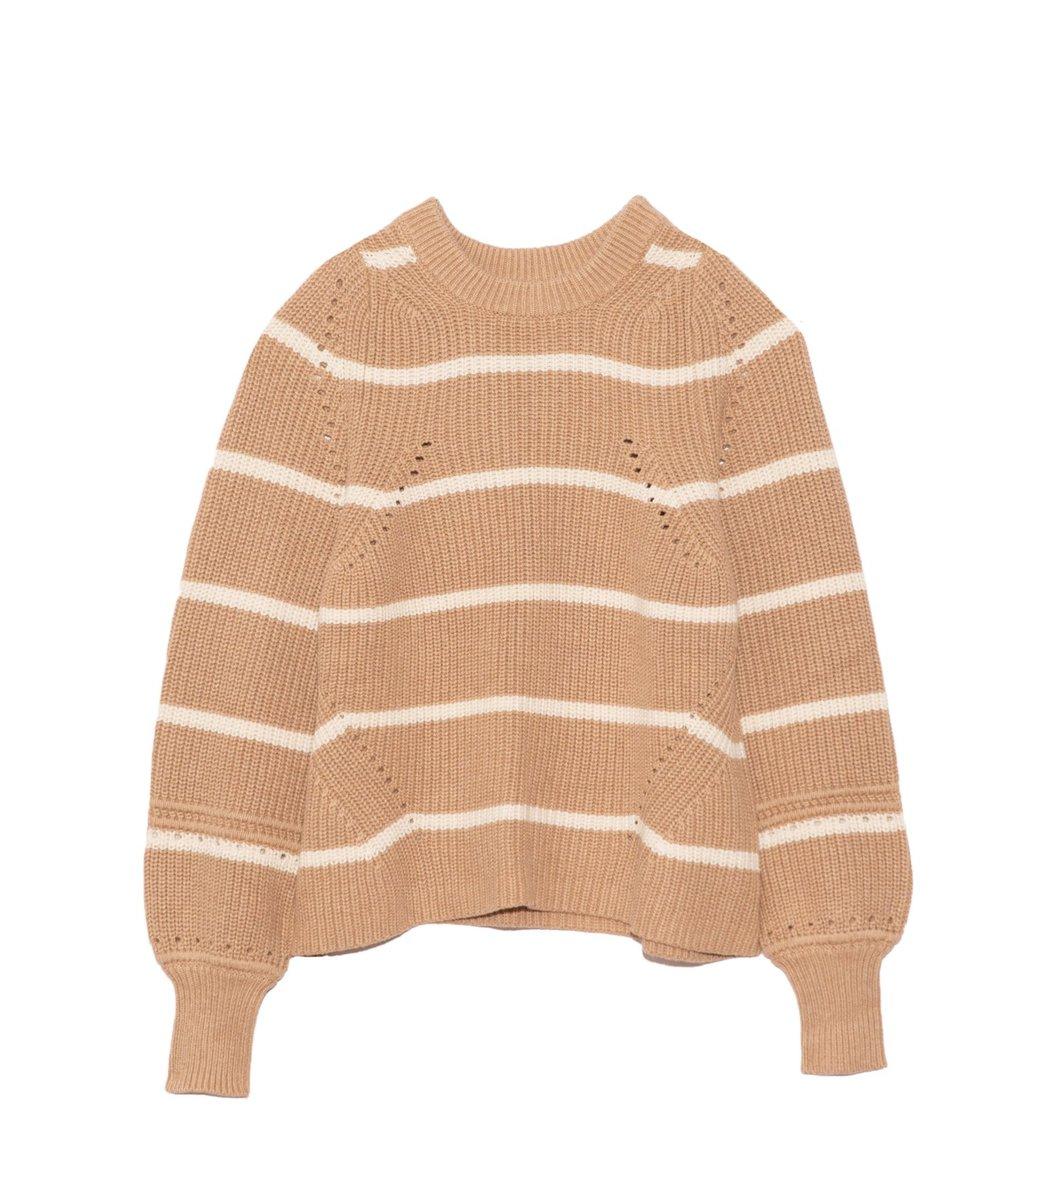 Apiece Apart Celeste Crop Knit in Cream Camel Stripe